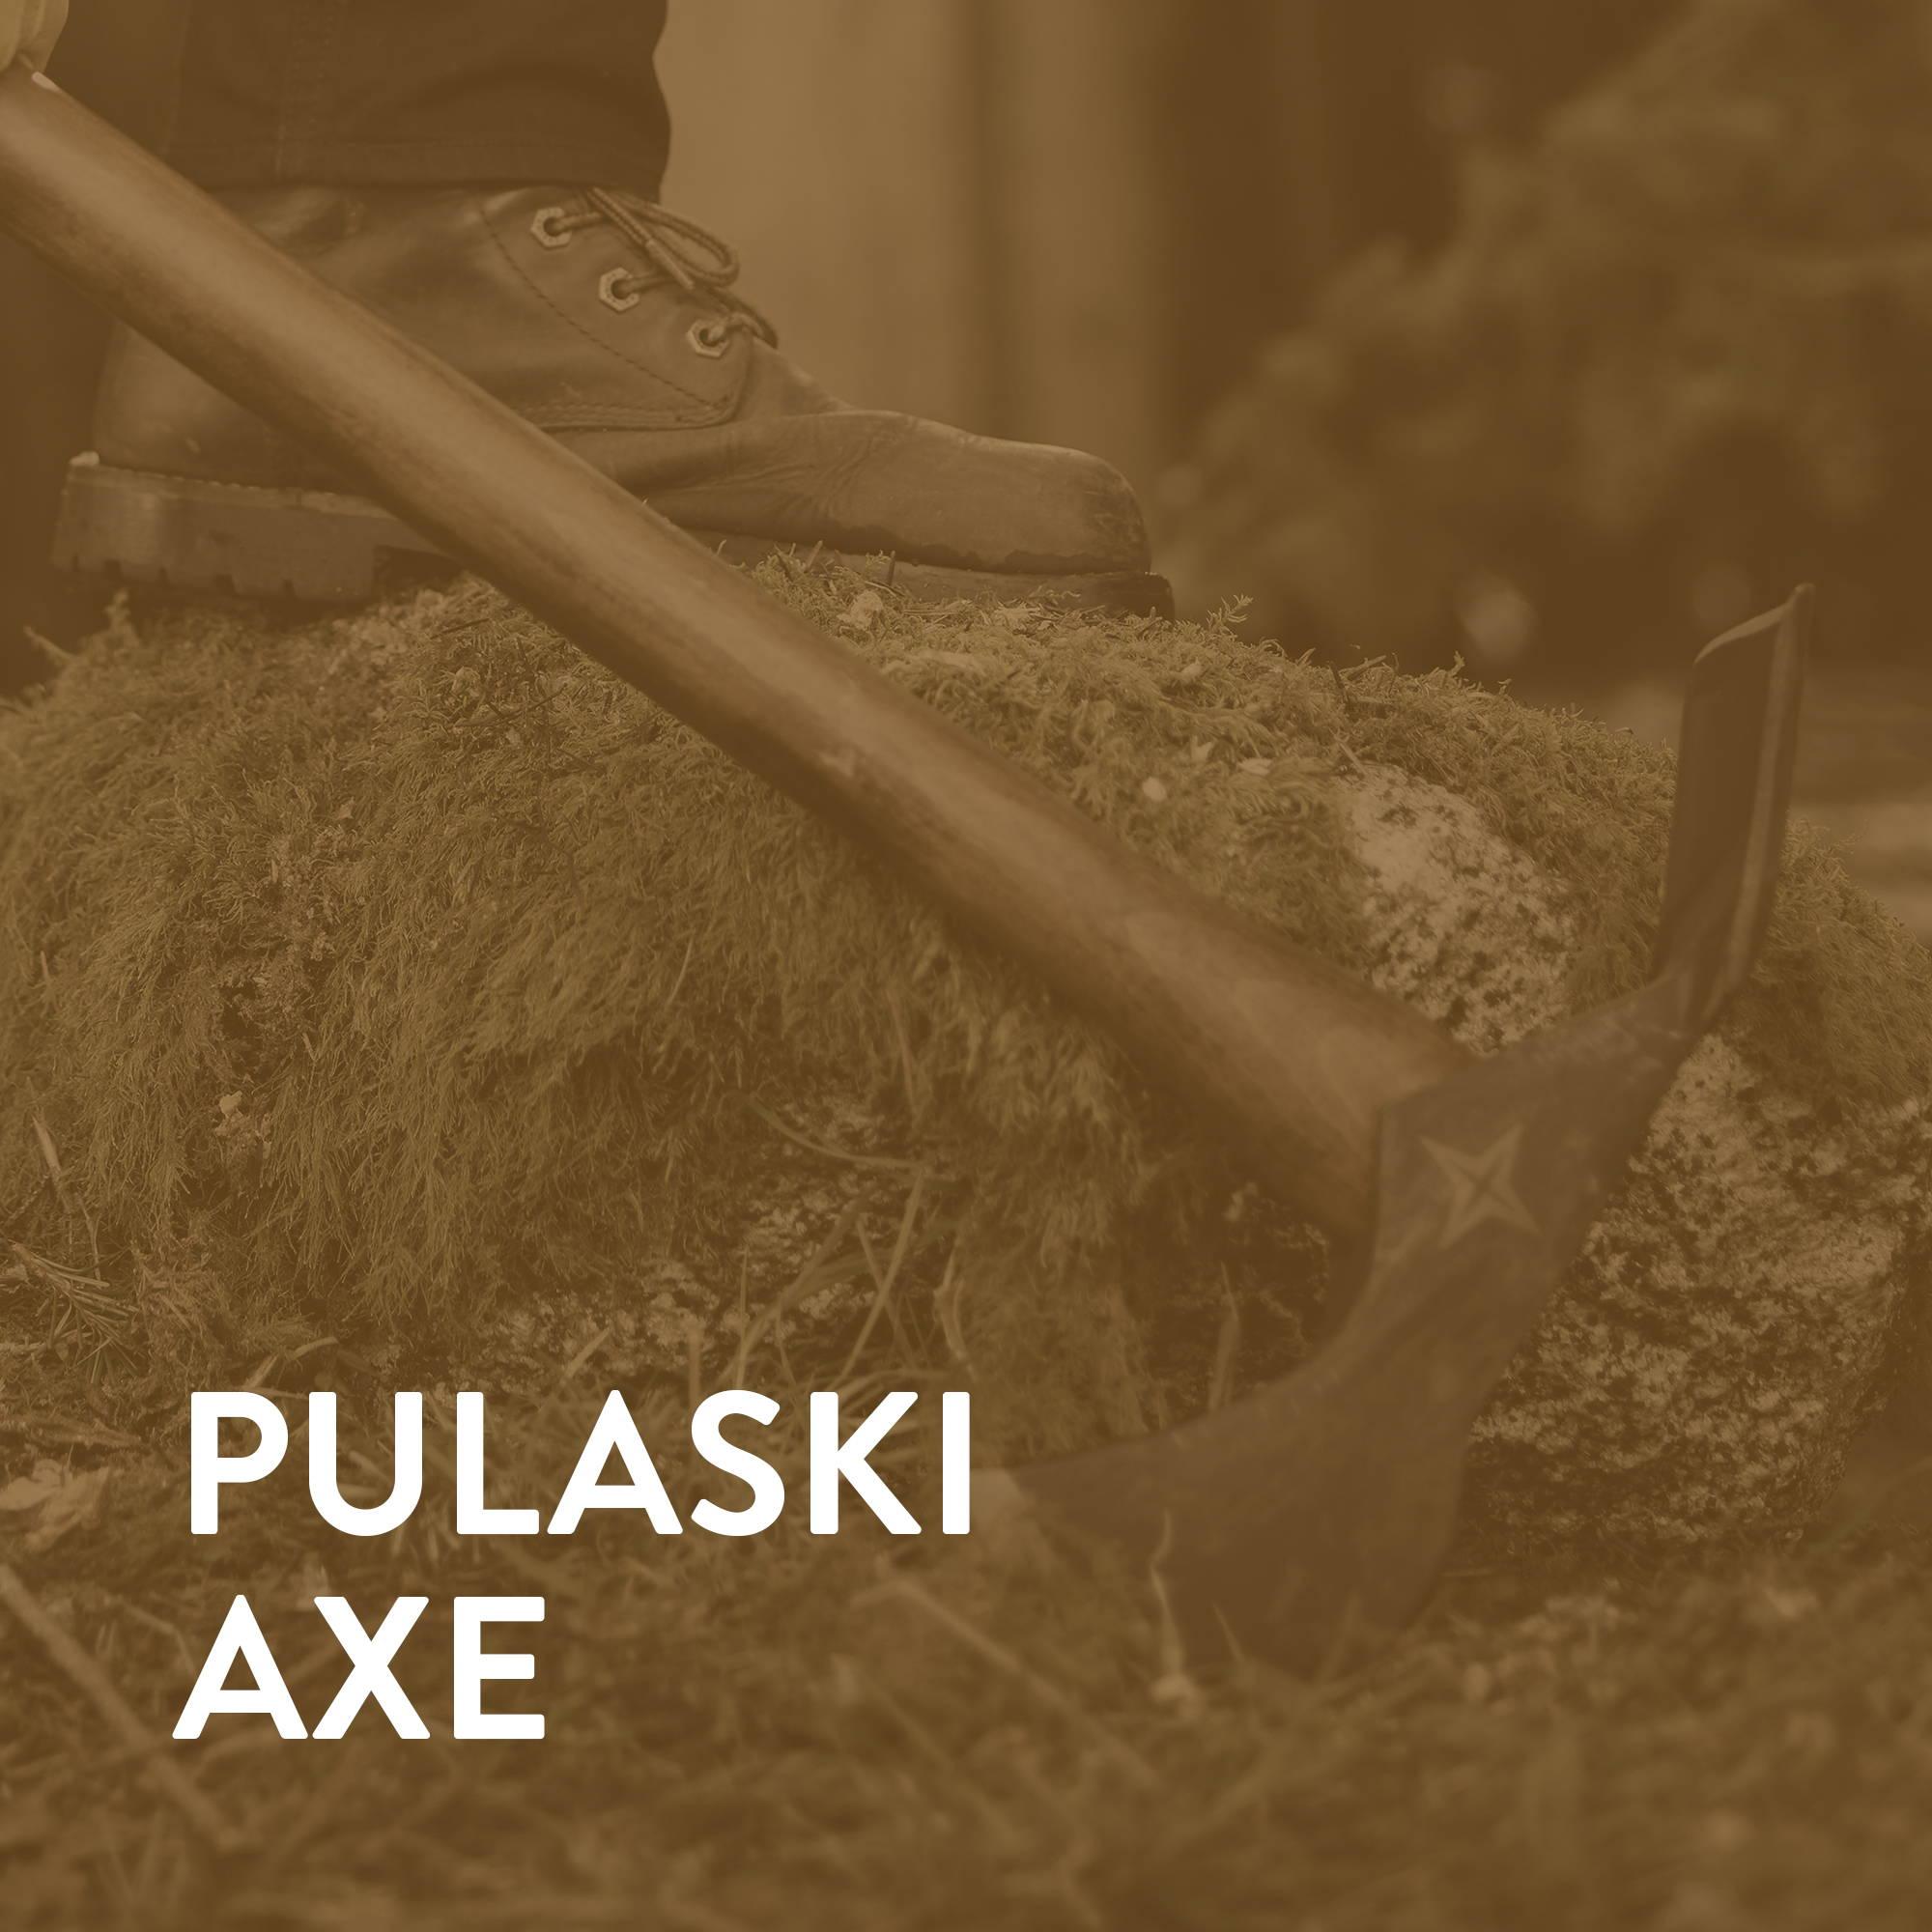 Pulaski Axe